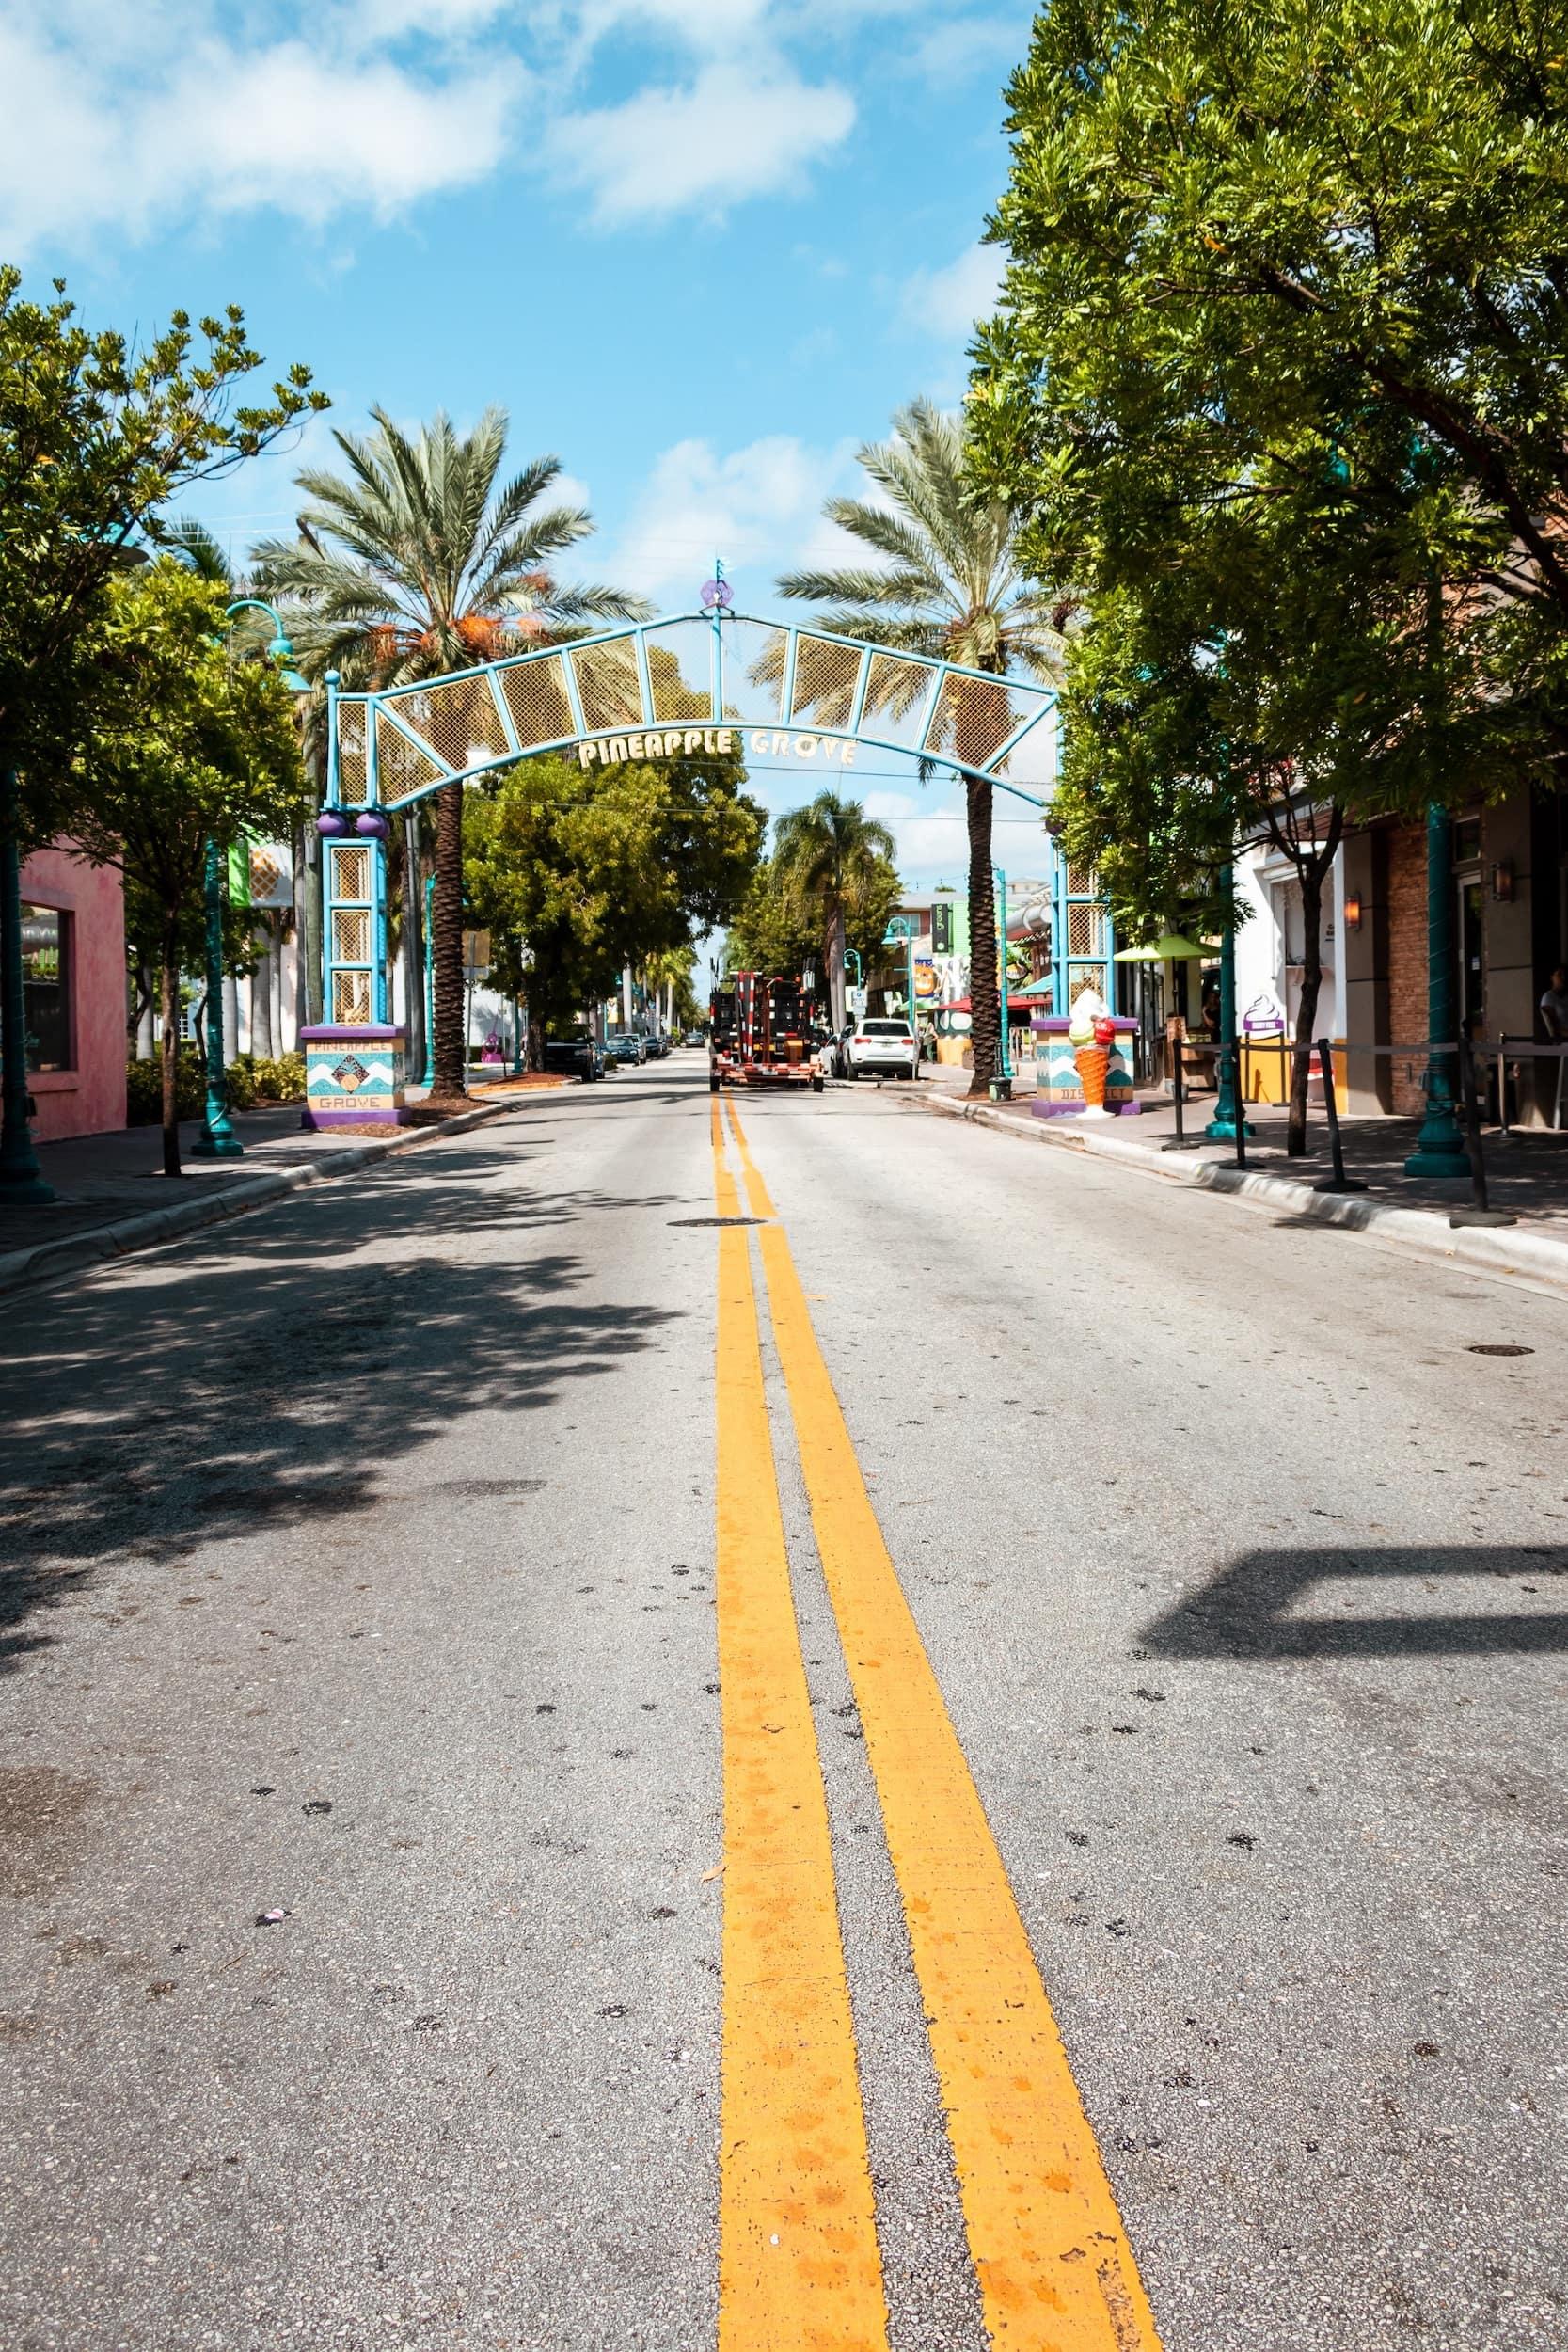 Mizner Park Boynton Beach Florida